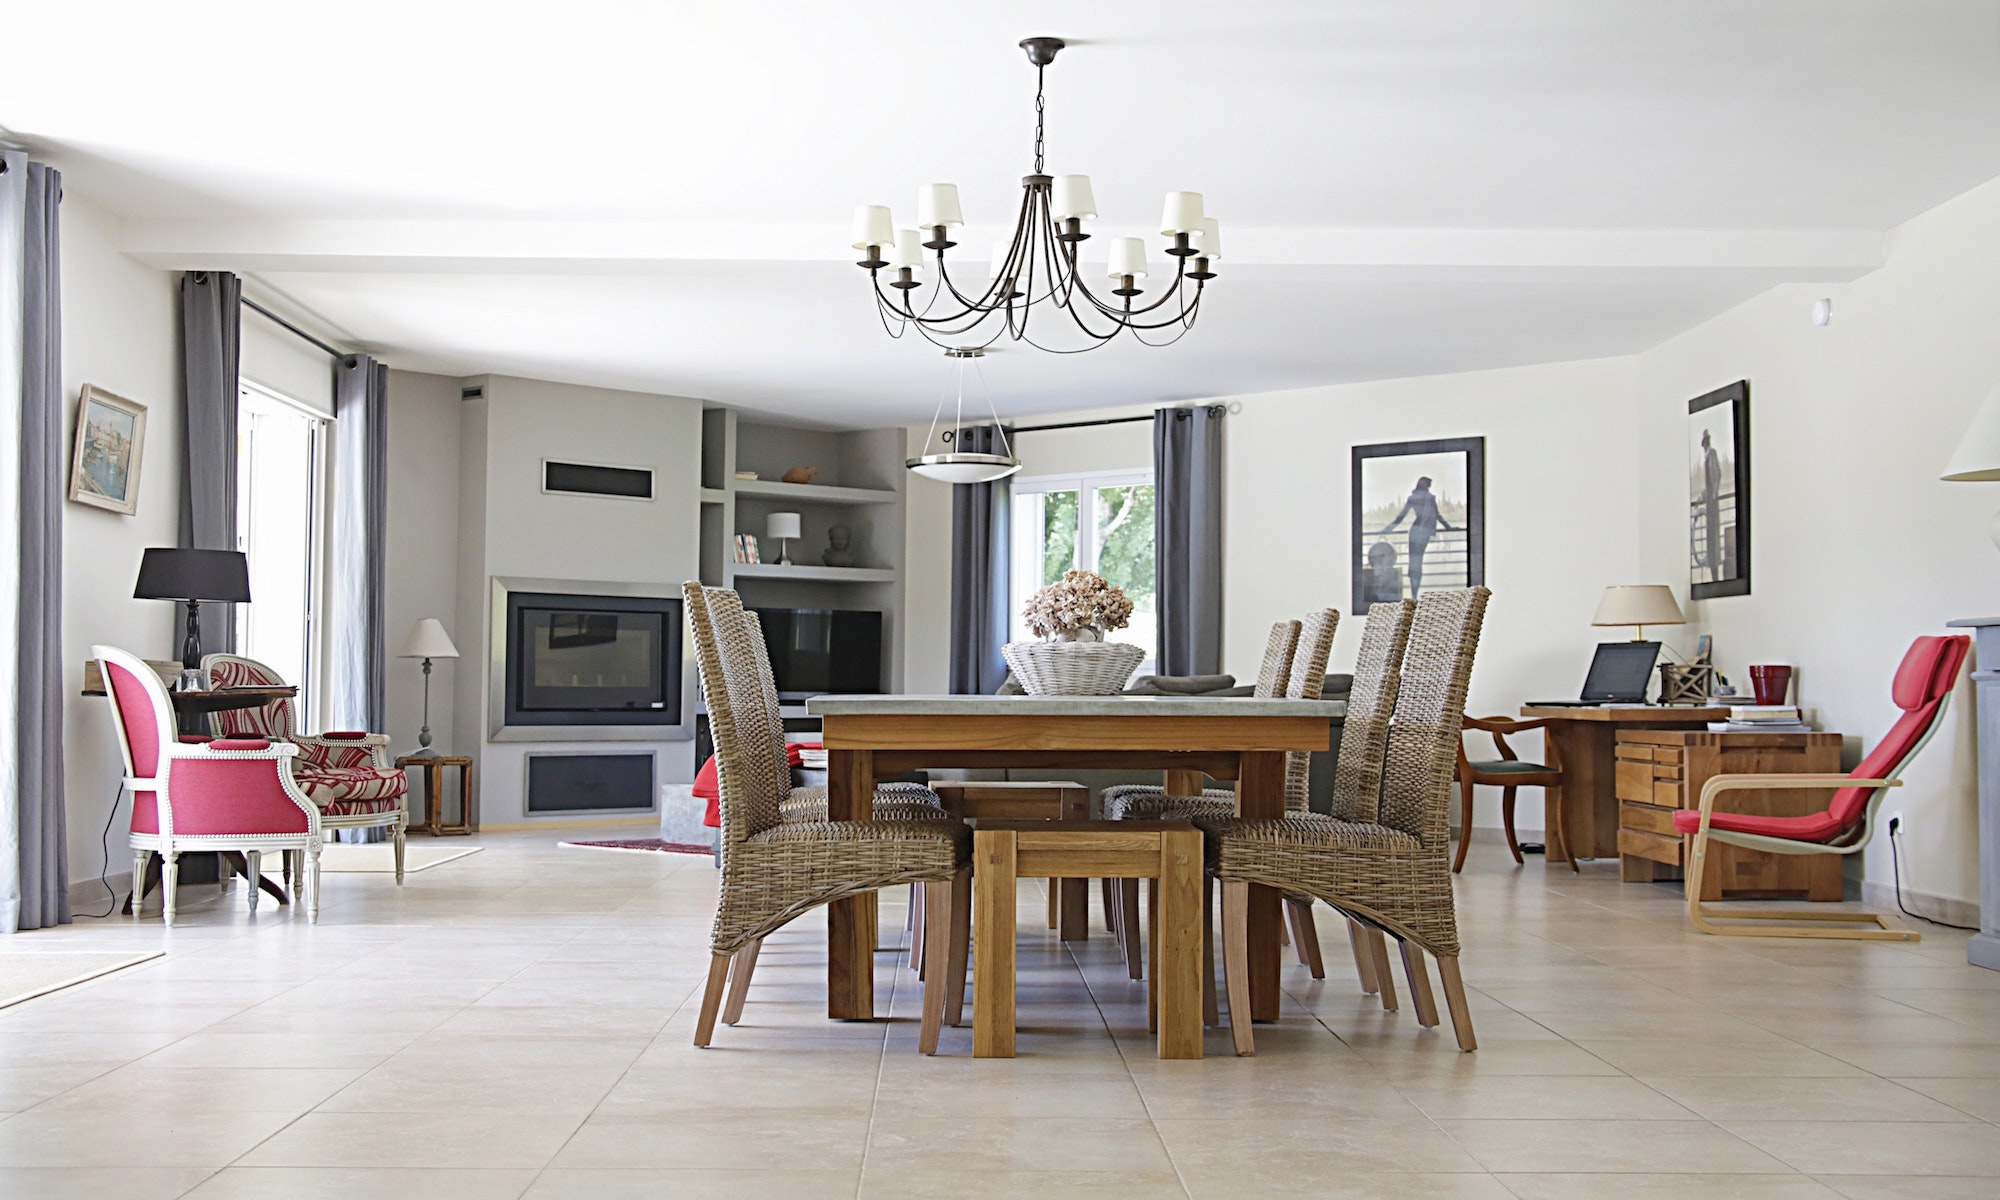 apartment-architecture-ceiling-lamp-269262